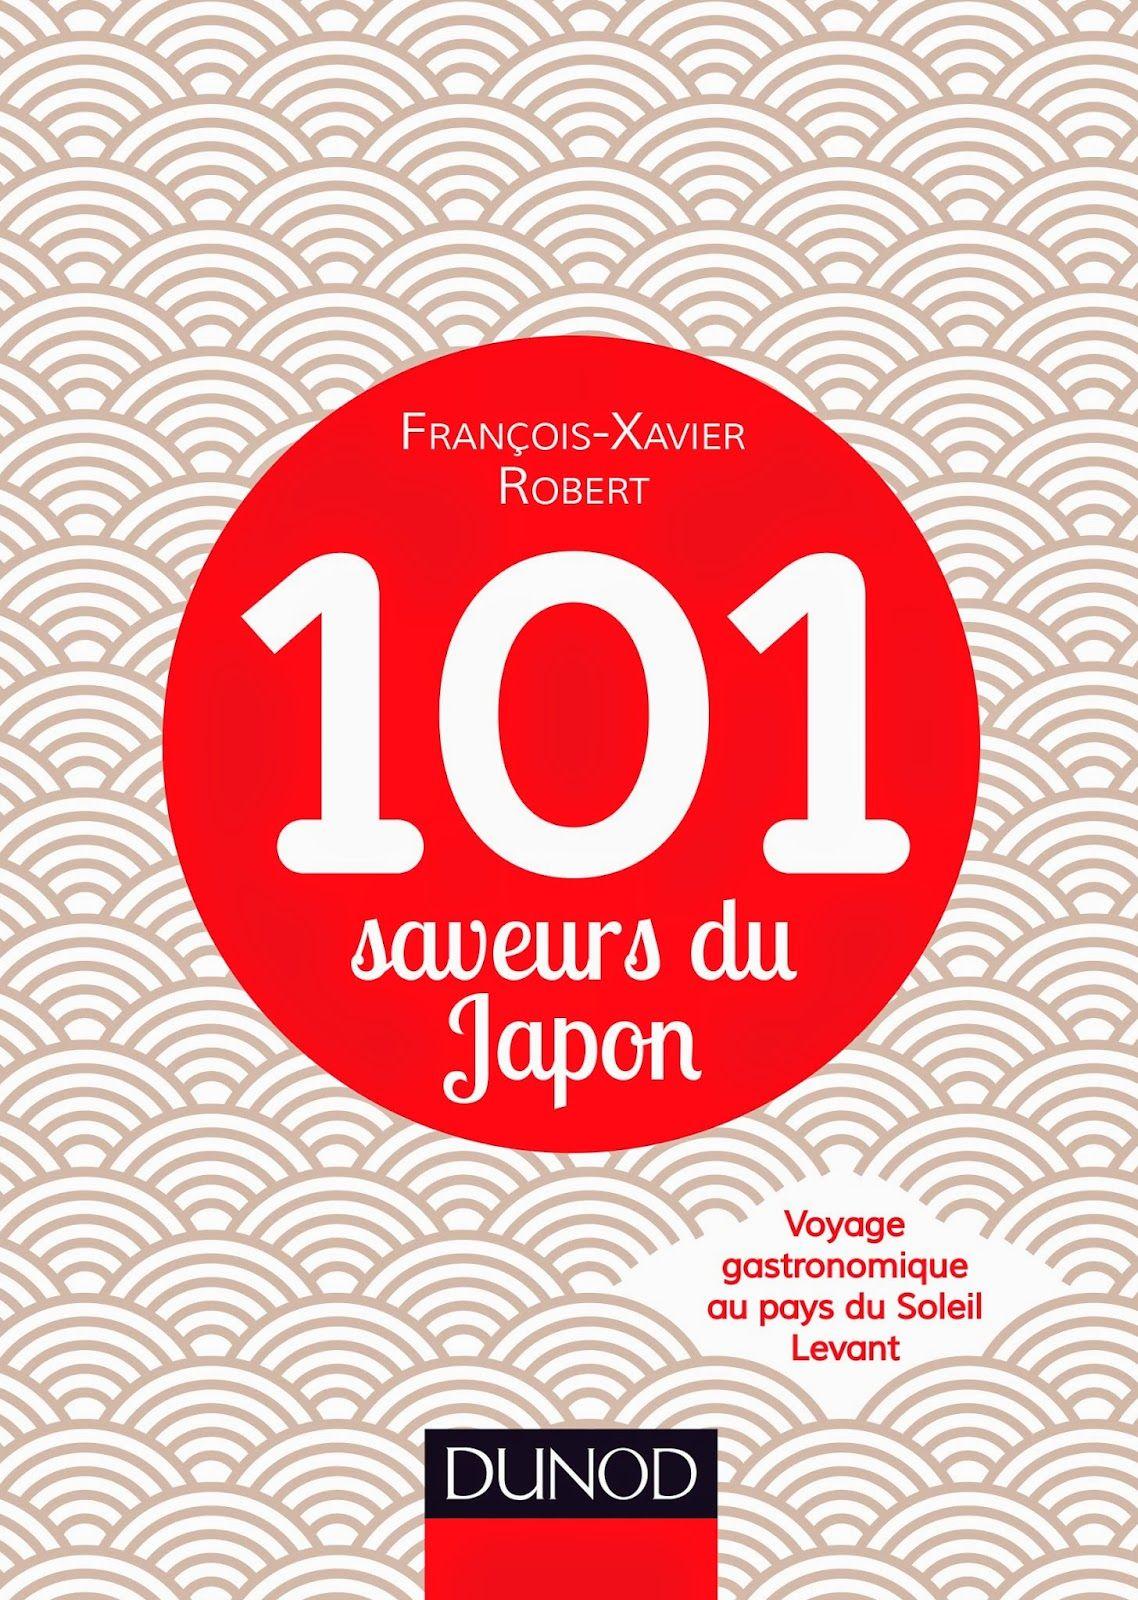 Tatamises Les Fous De Japon 101 Saveurs Du Japon Voyage Gastronomique Au Pays Du Soleil Levant A Paraitre Le Lever De Soleil Pays Du Soleil Levant Japon